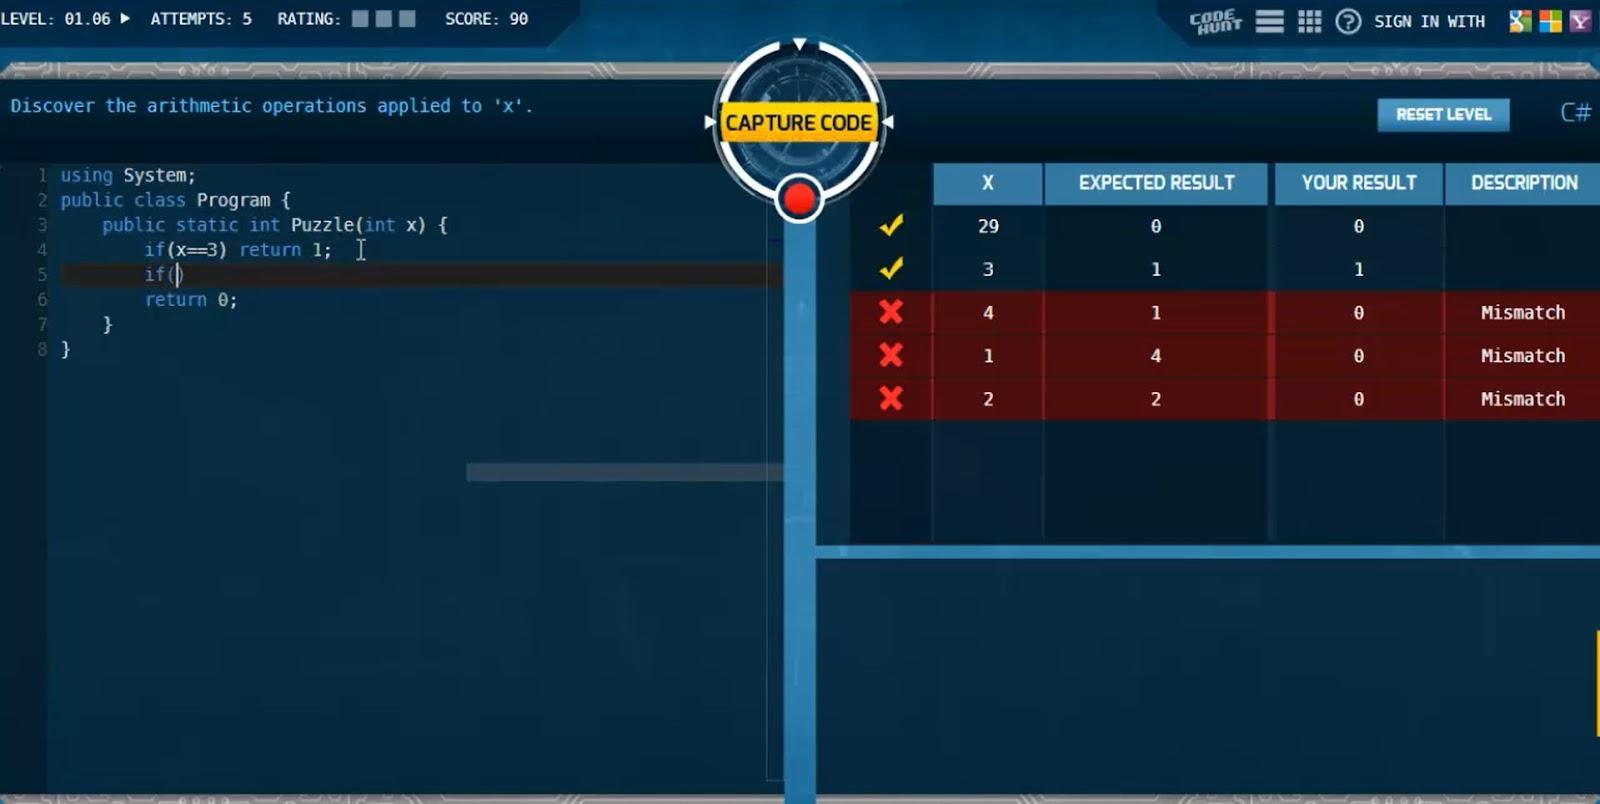 скриншот игры для программистов Code Hunt